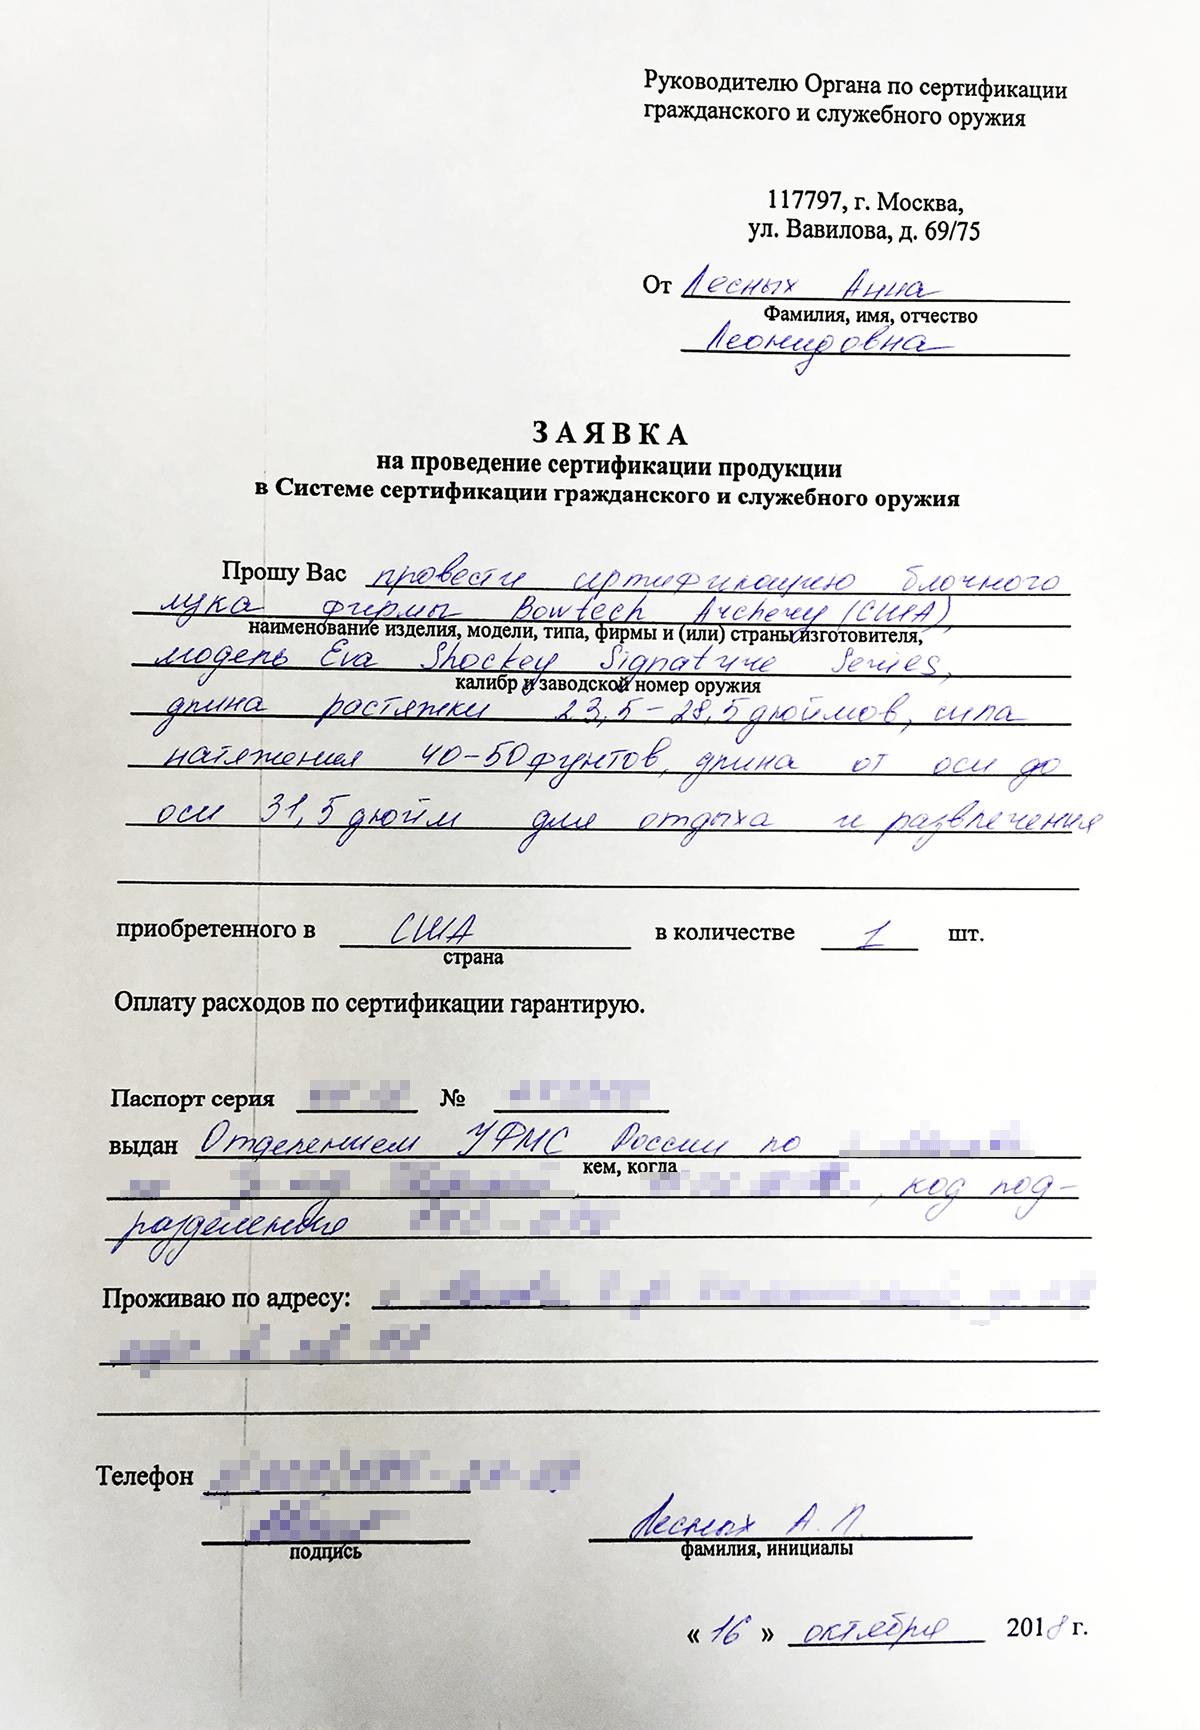 Заполненная заявка на сертификацию лука. В ней указывается модель, страна покупки, цель проведения сертификации